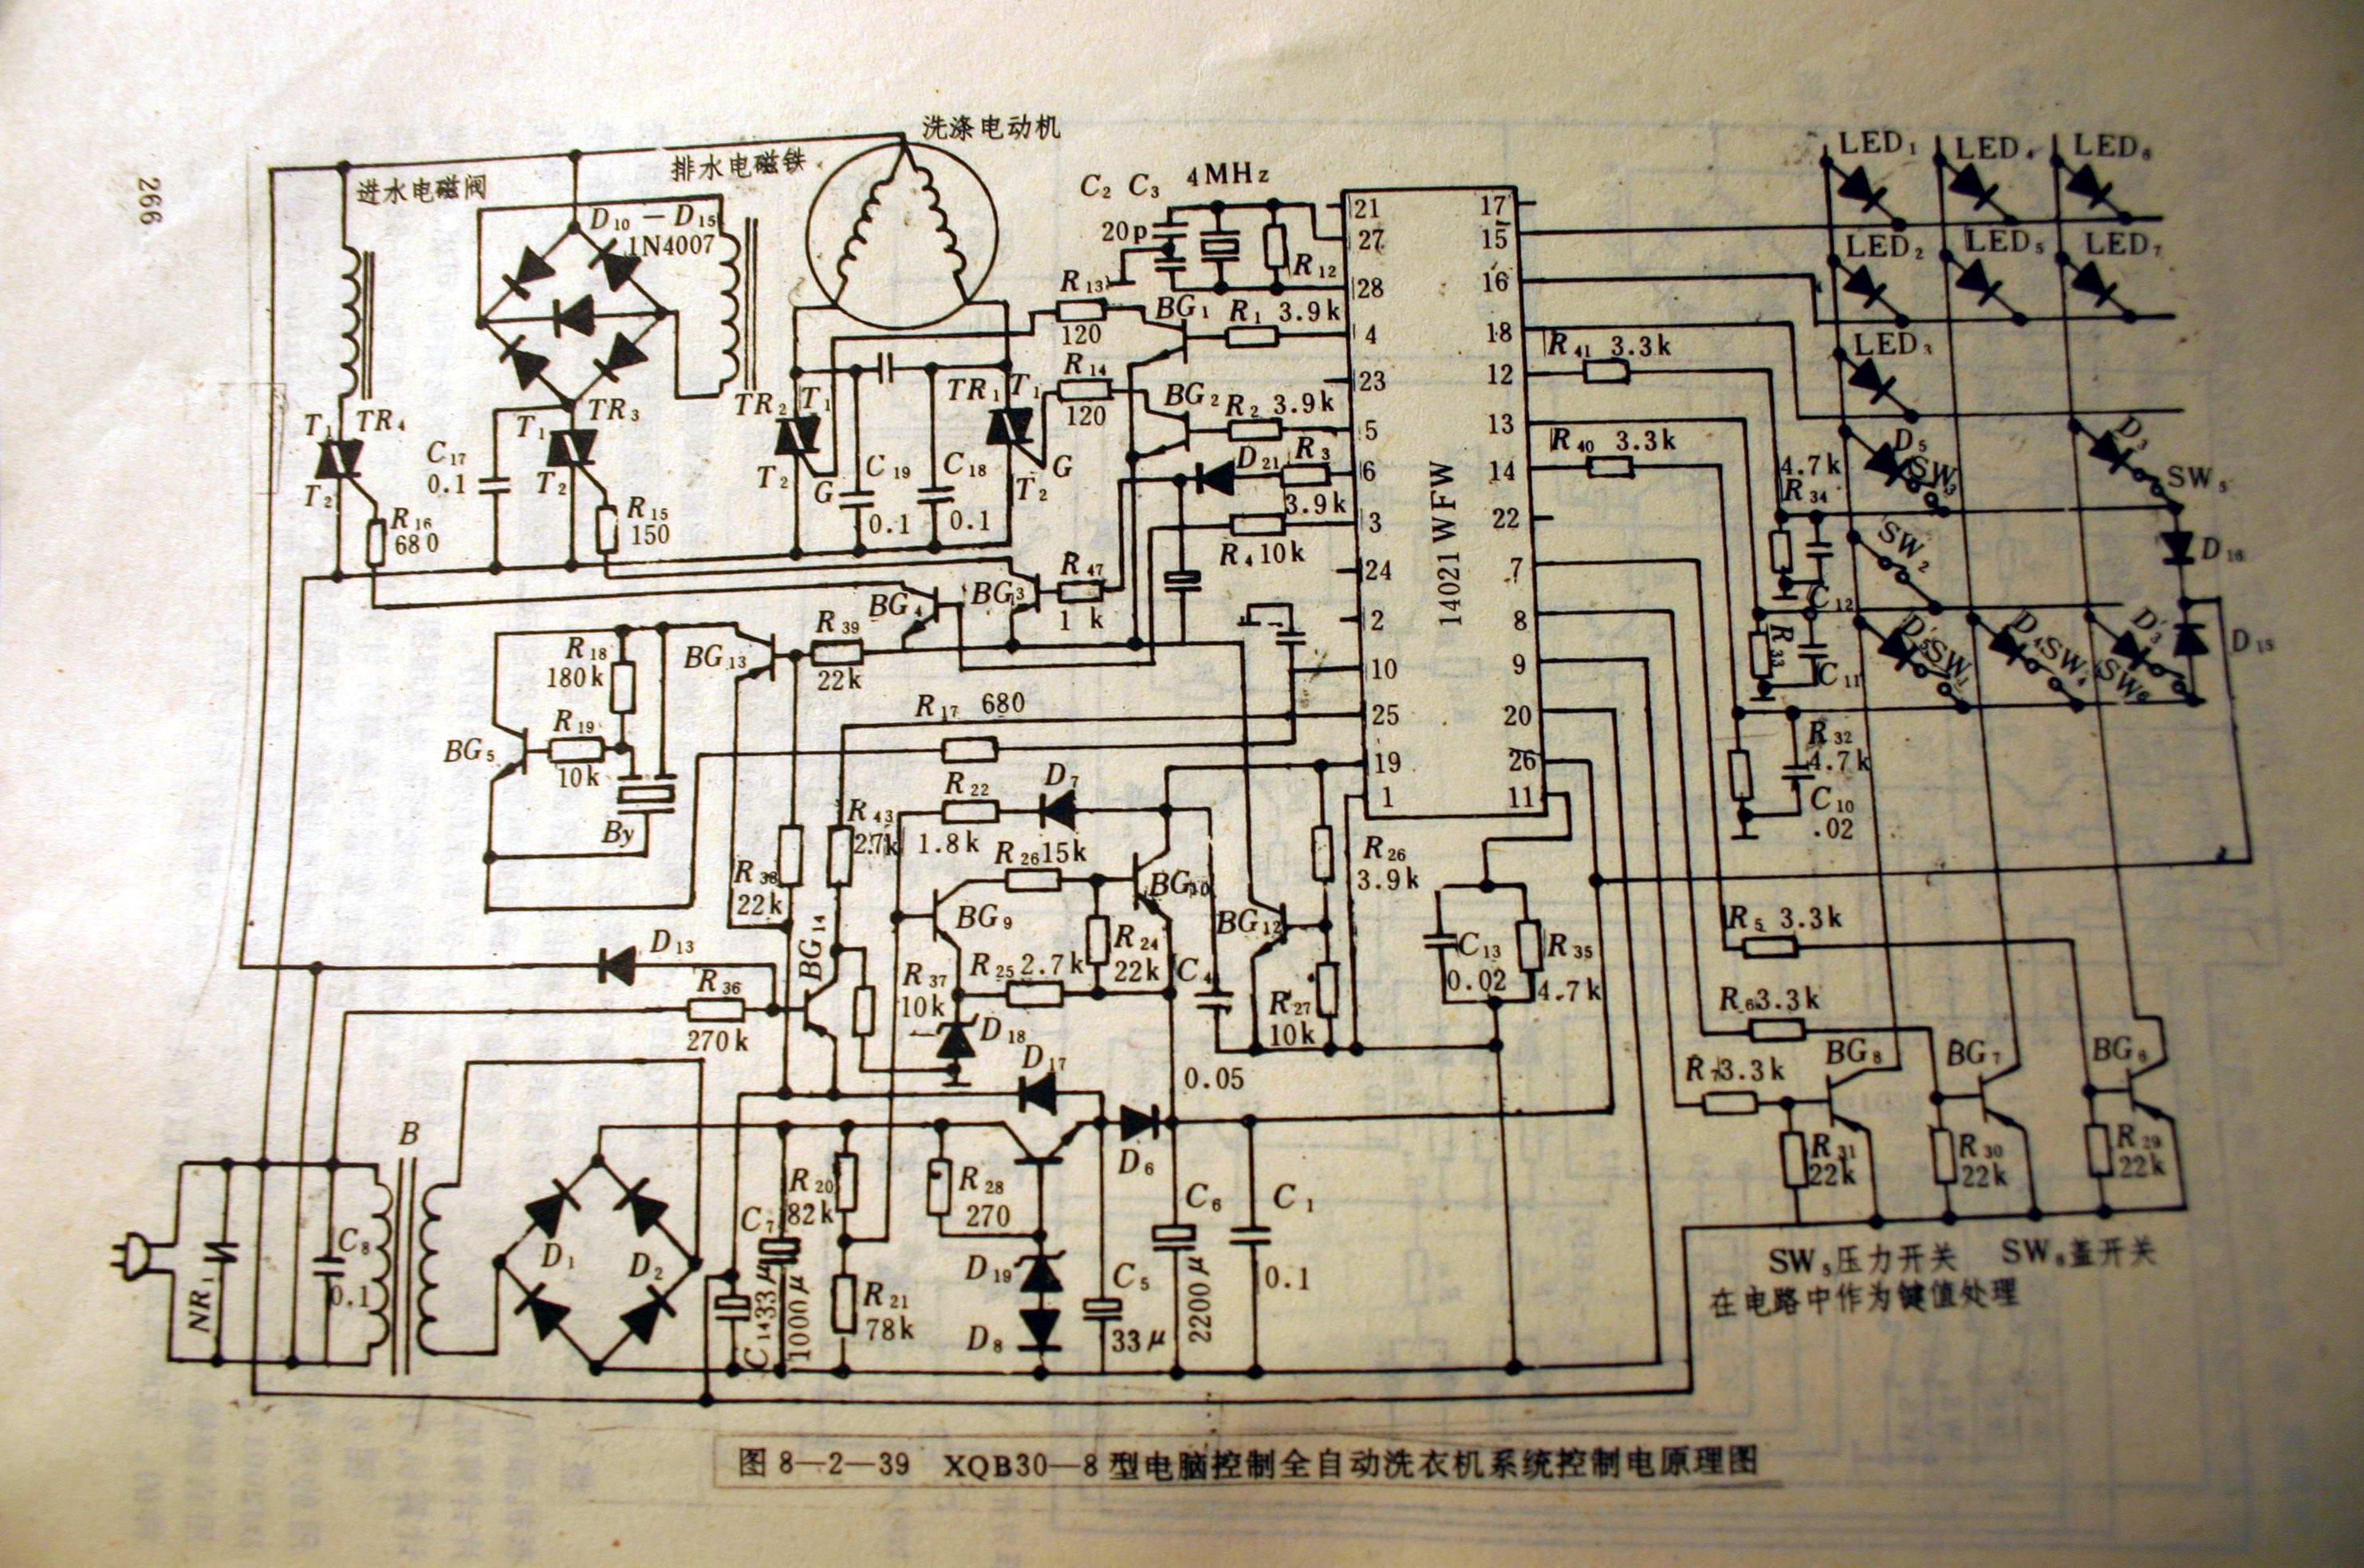 请问斑竹,您是否有小天鹅滚桶洗衣机xqg50-812电路图?